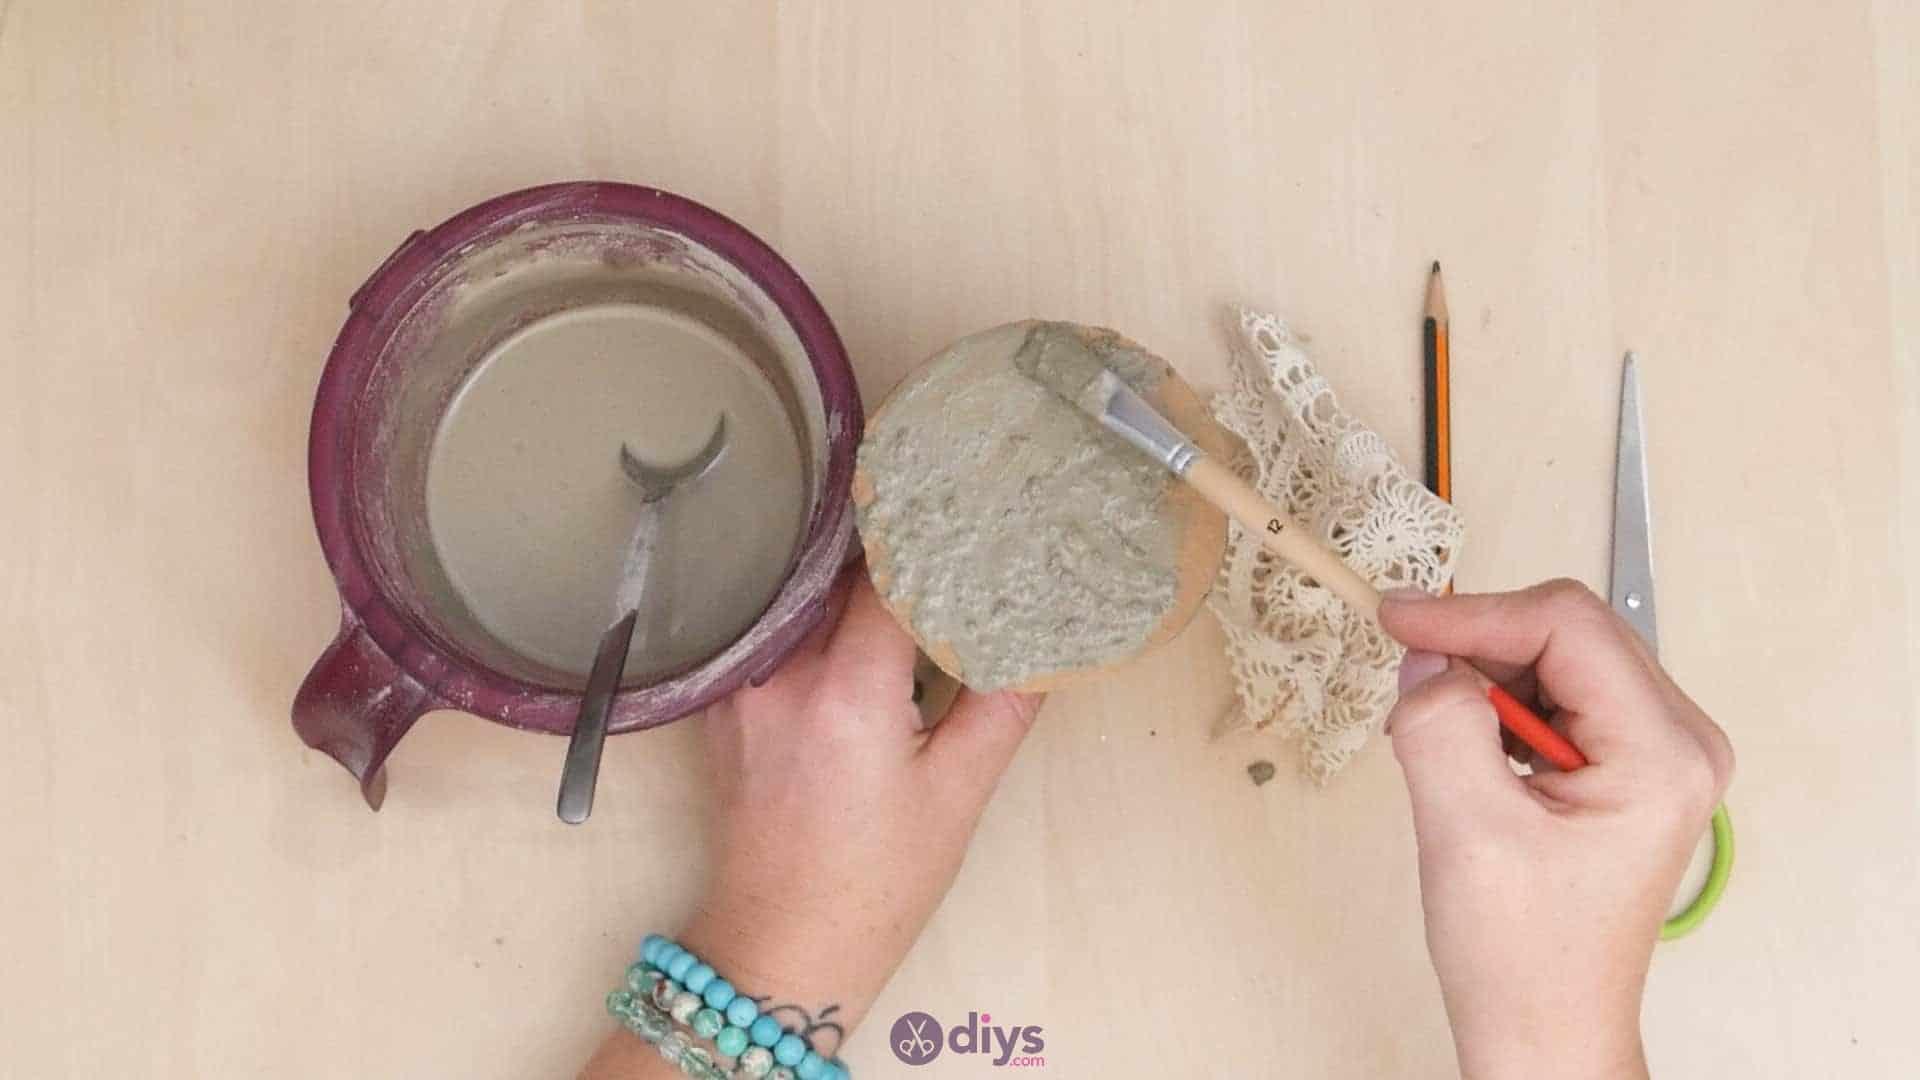 Diy concrete doily stand step 5a